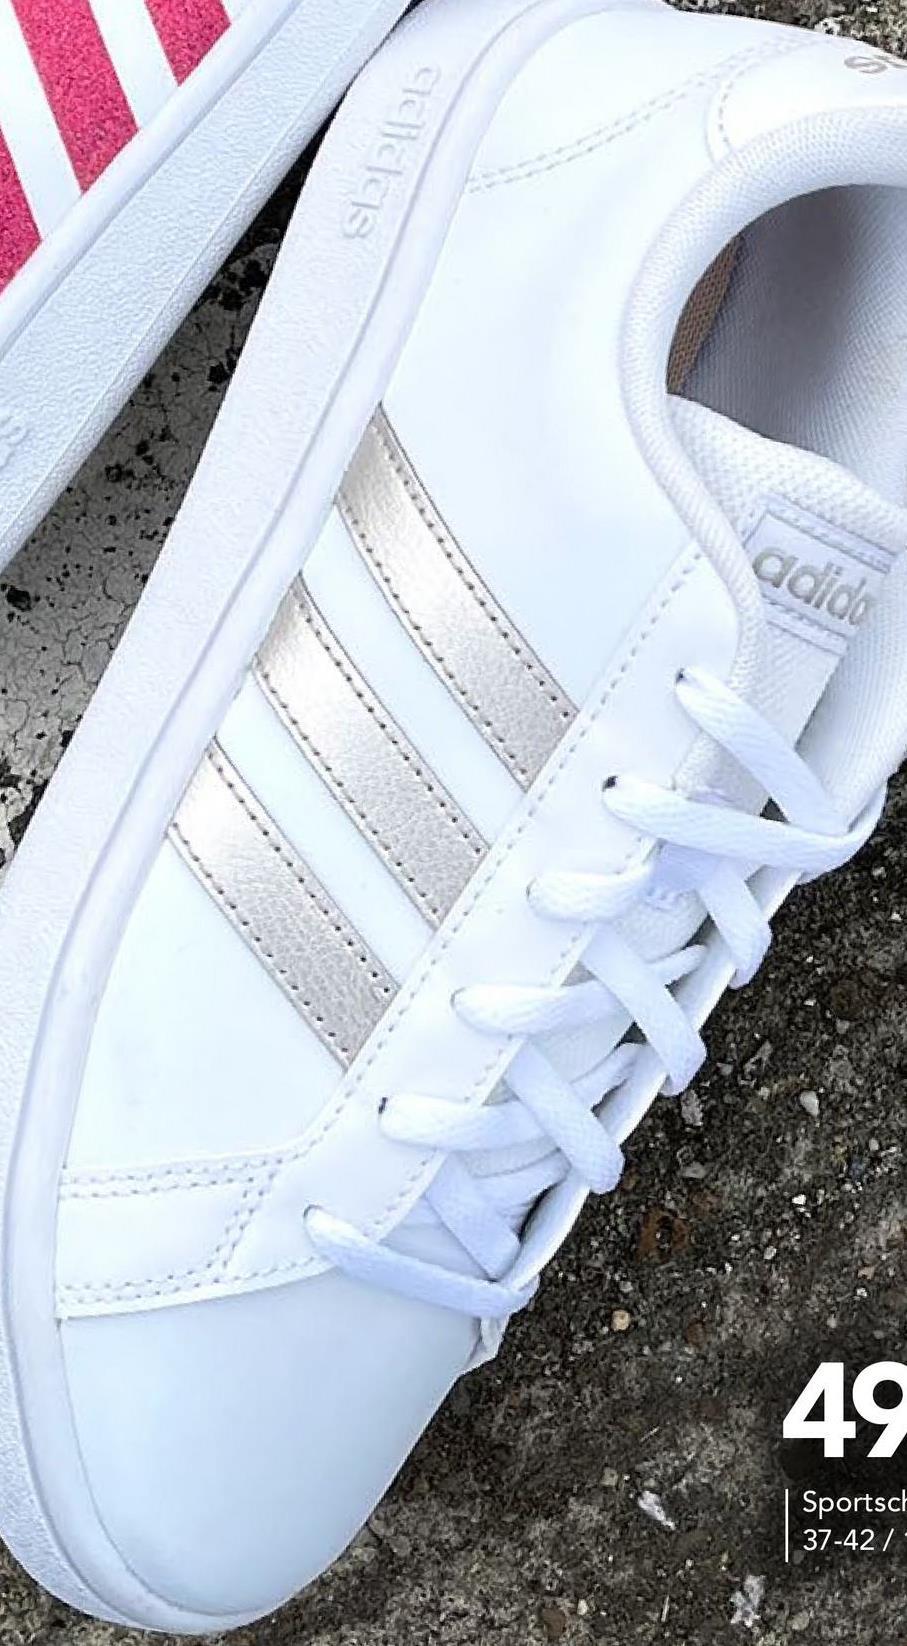 Sneakers Grand Court Adidas - Wit - maat 37 - Dames   - Goedkope Sportschoenen - Synthetisch Tijdloze witte Adidas-sneakers met zilverkleurige strepen voor dames. Deze leuke sneakers met veters passen bij al je outfits!